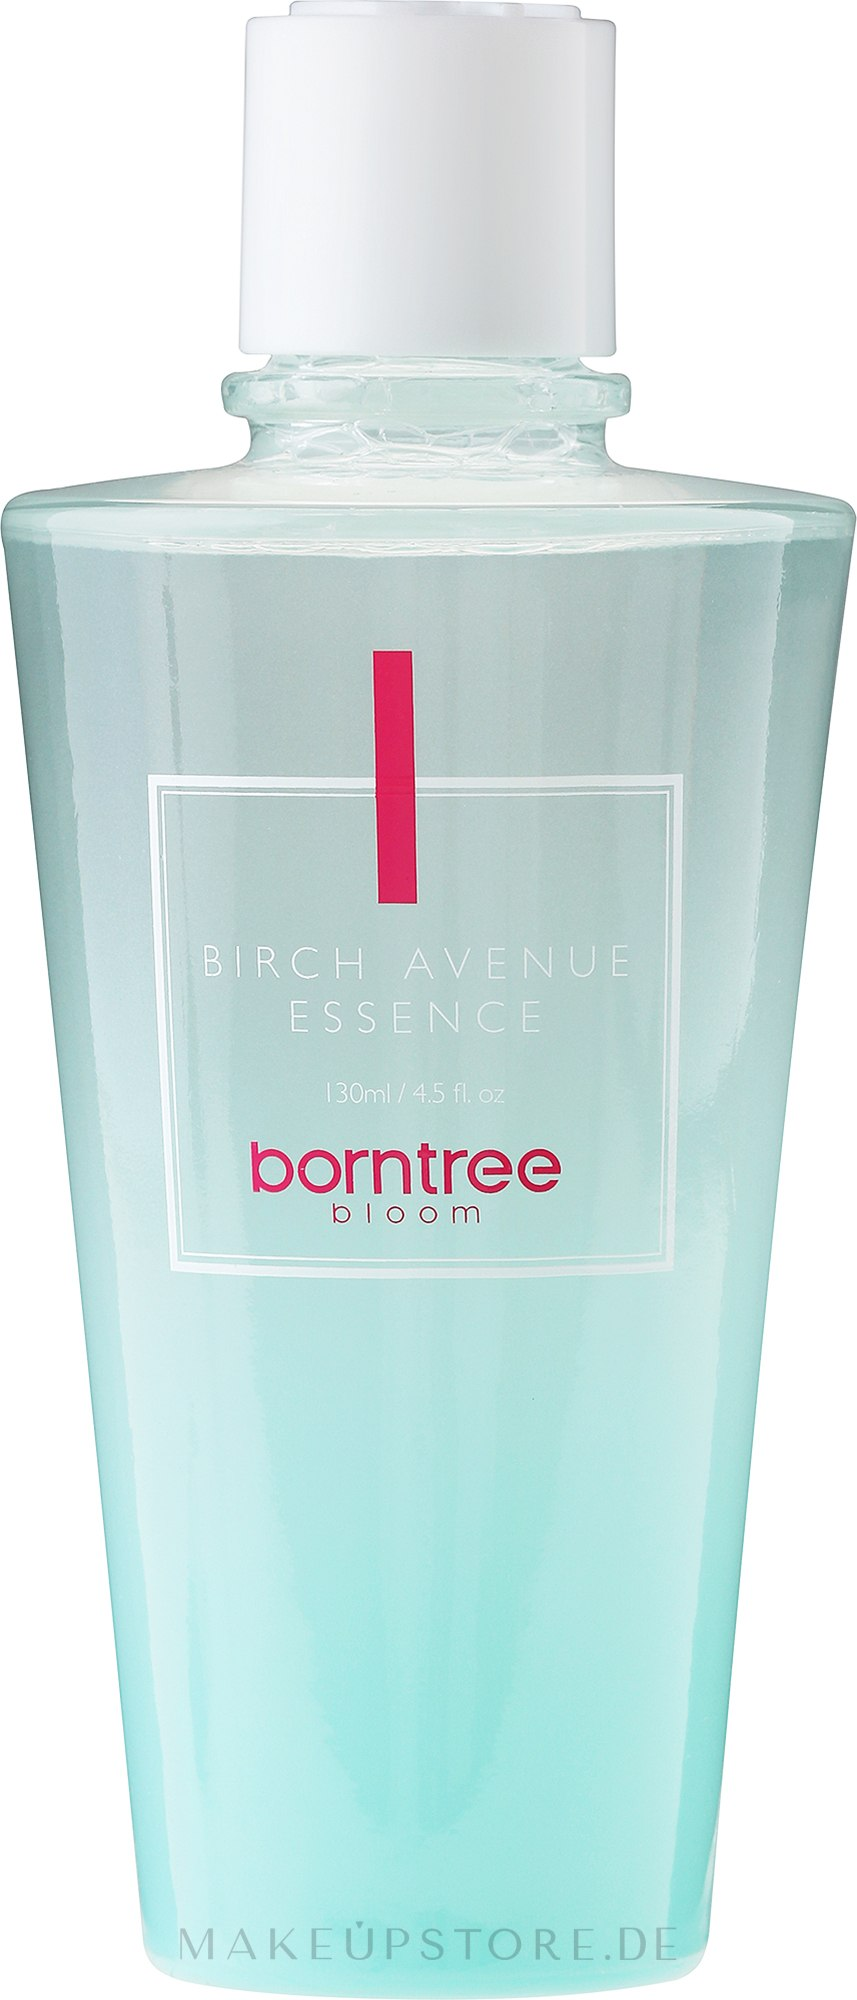 Feuchtigkeitsspendende und beruhigende Gesichtsessenz - Borntree Birch Avenue Essence — Bild 130 ml